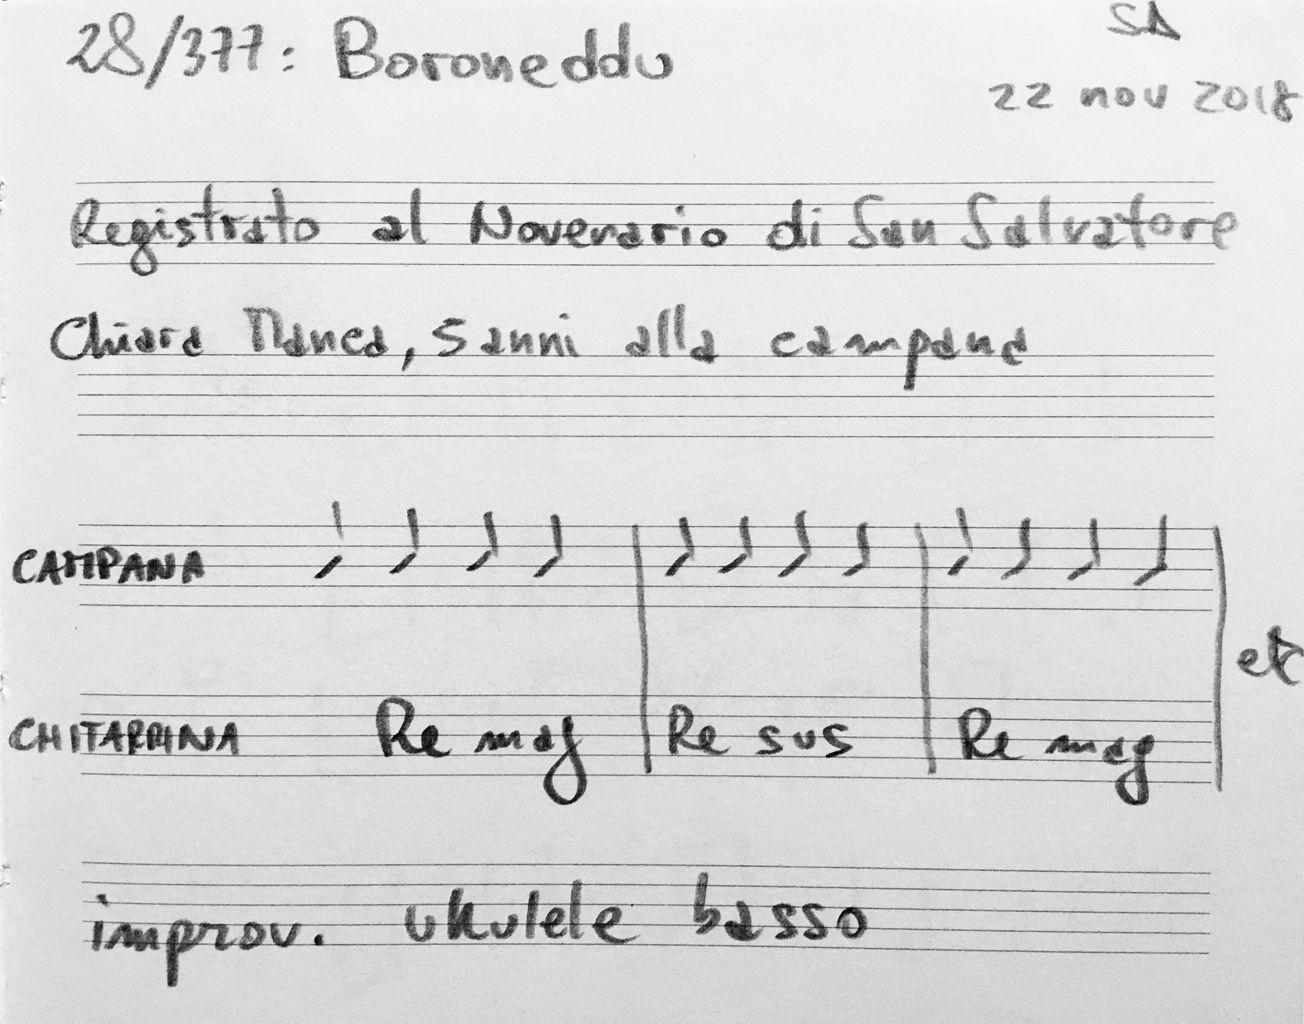 028-Boroneddu-score